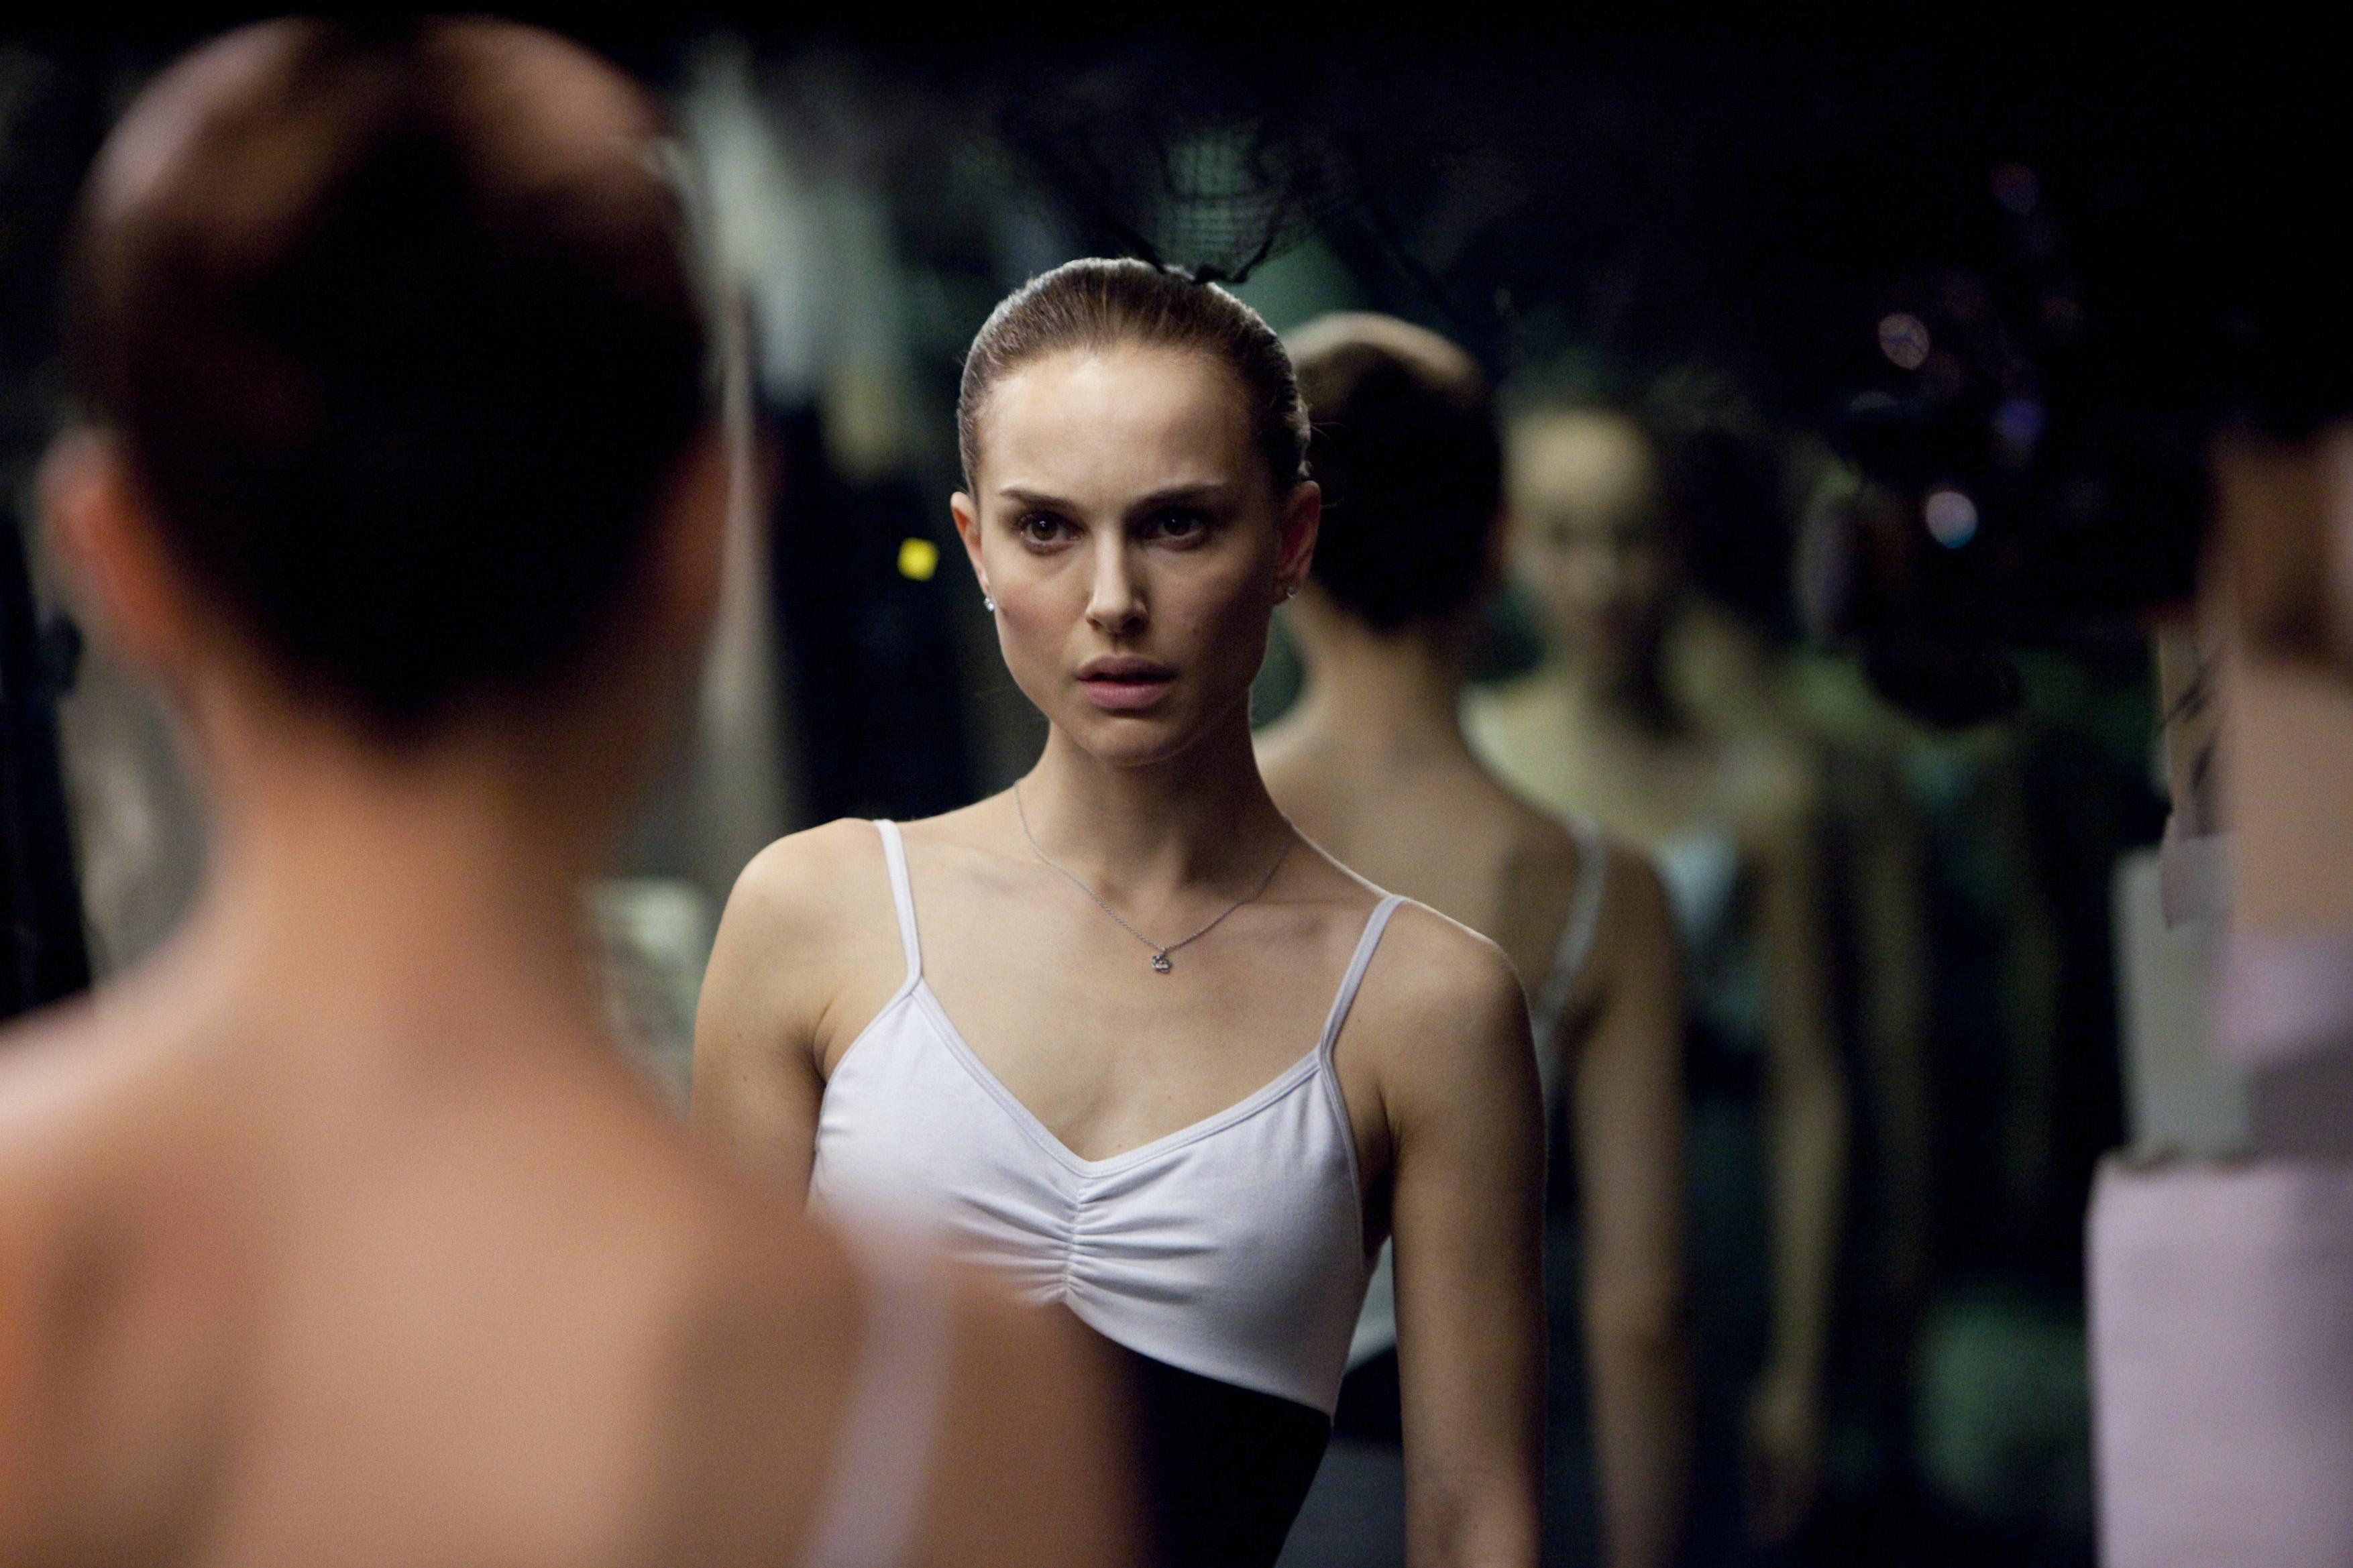 Сохранить лицо: Как реагировать, когда переходят на личности